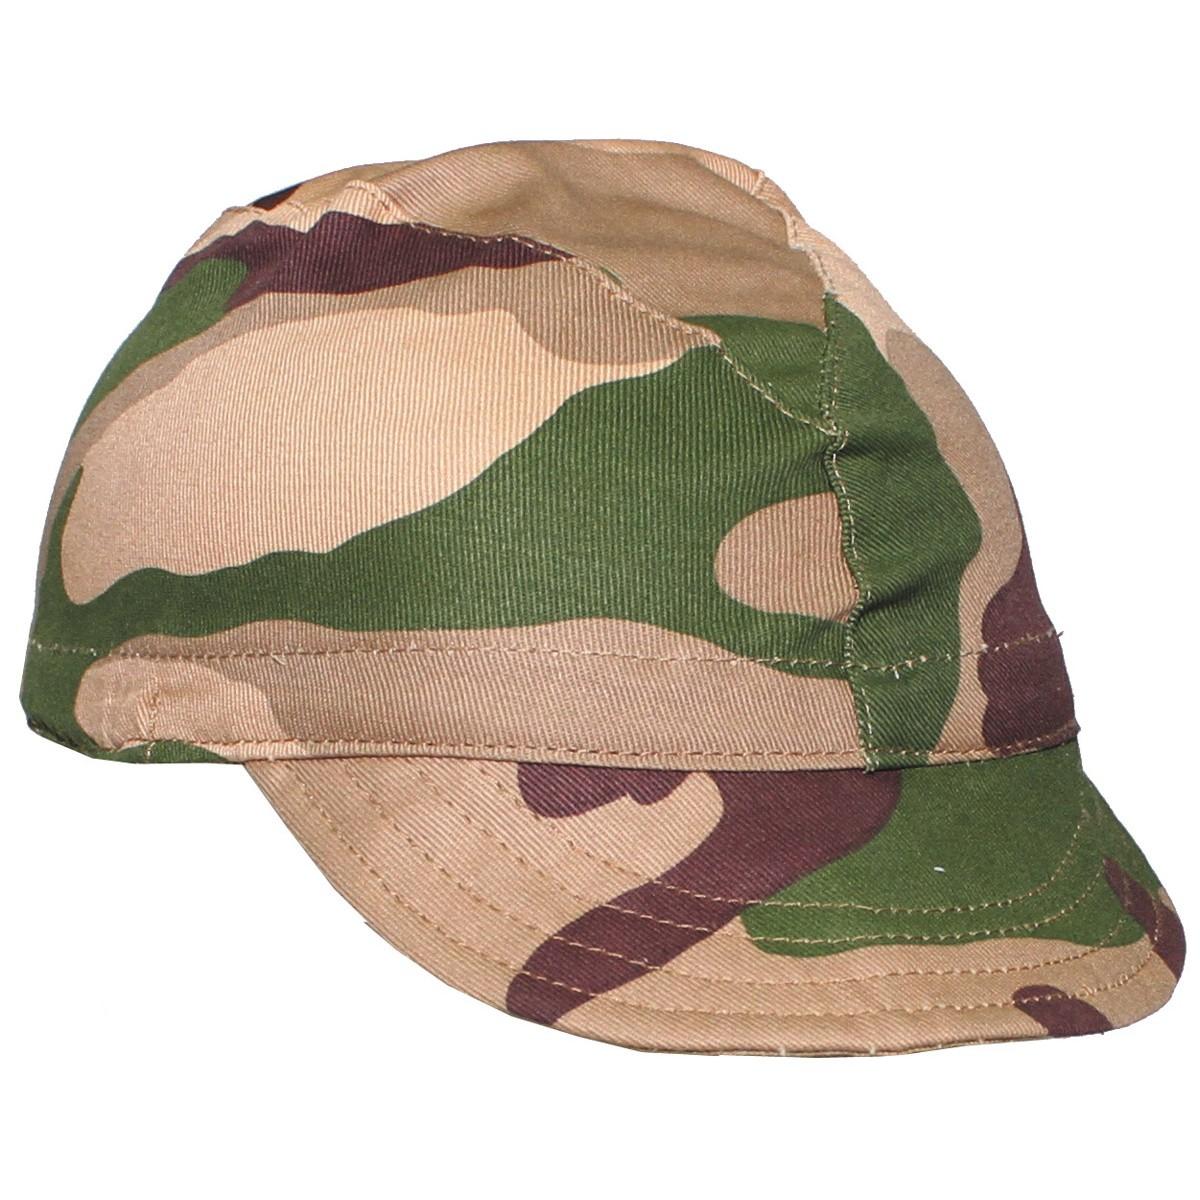 Èepice maskovaná pouštní ITALSKÁ vel.58-59